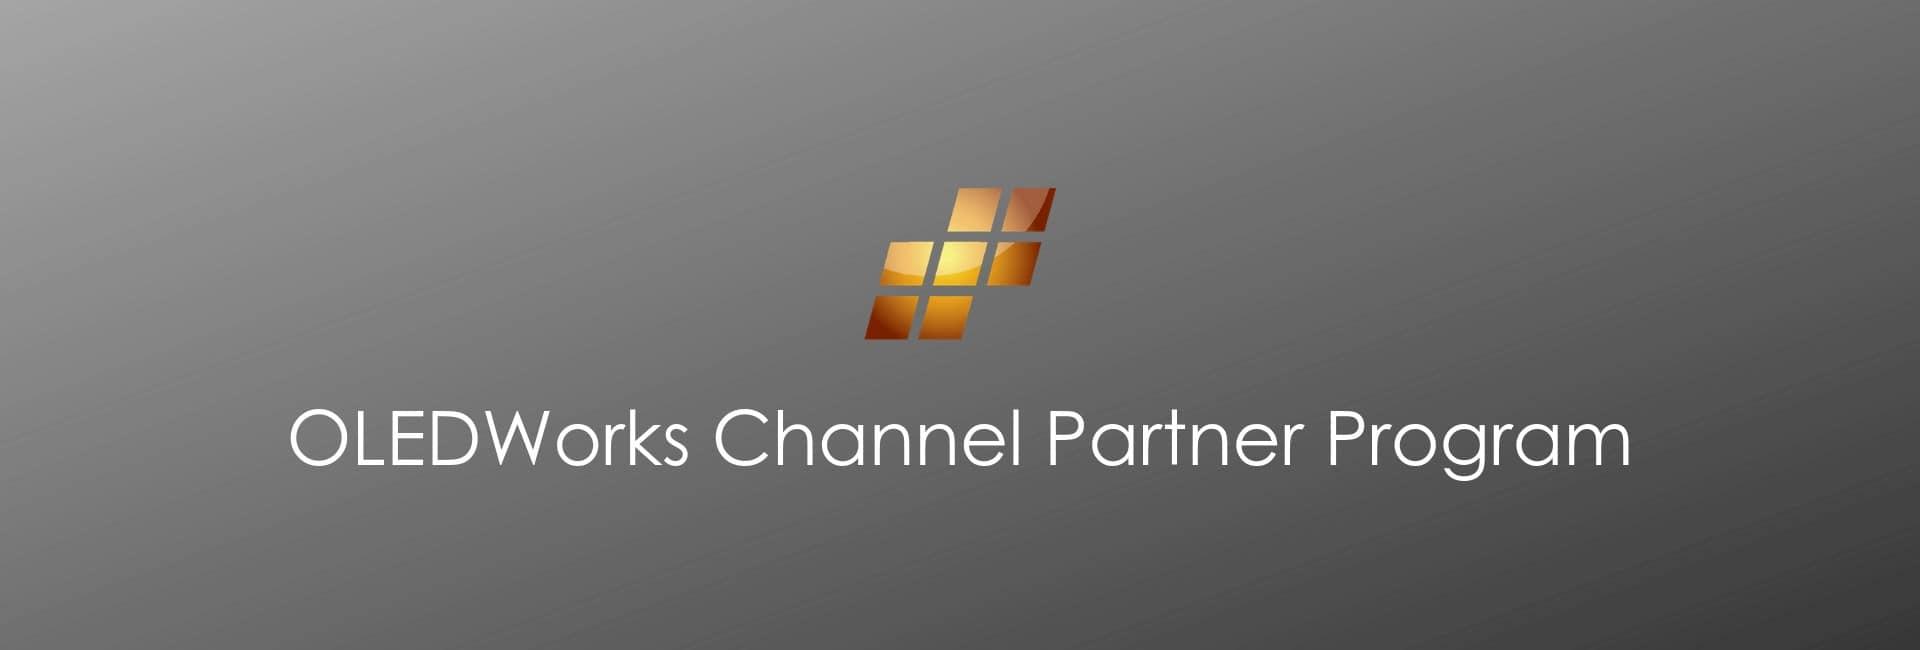 OLEDWorks Channel Partner Program